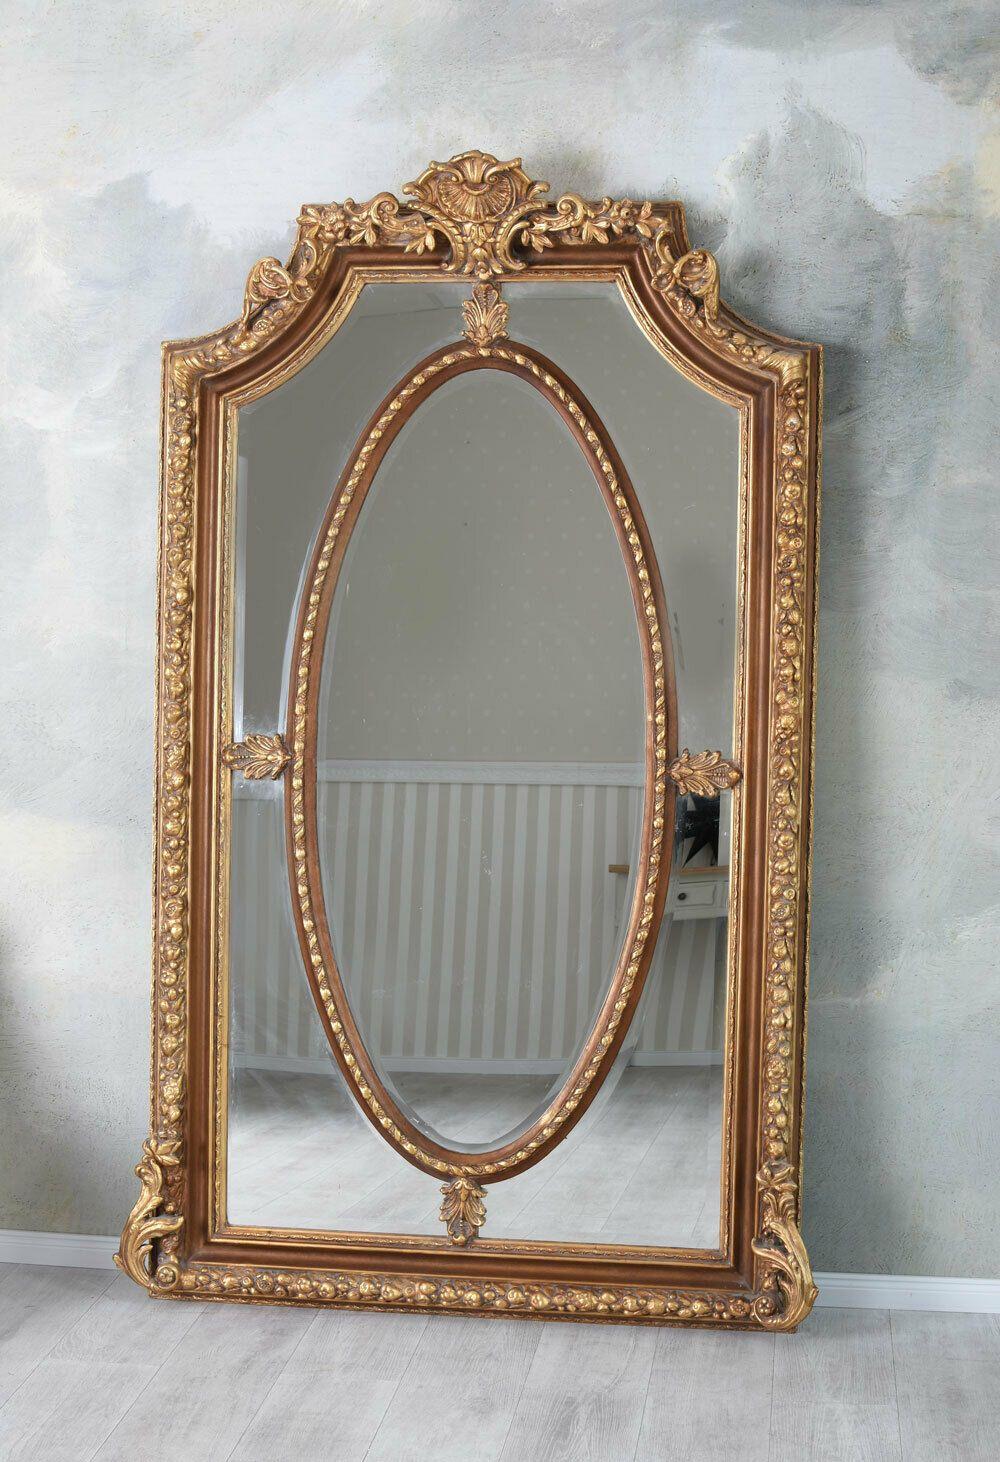 Mobel Im Vintage Stil Wohnaccessoires Im Shabby Chic Wohnwelten Barock Spiegel Xxl Spiegel Standspiegel